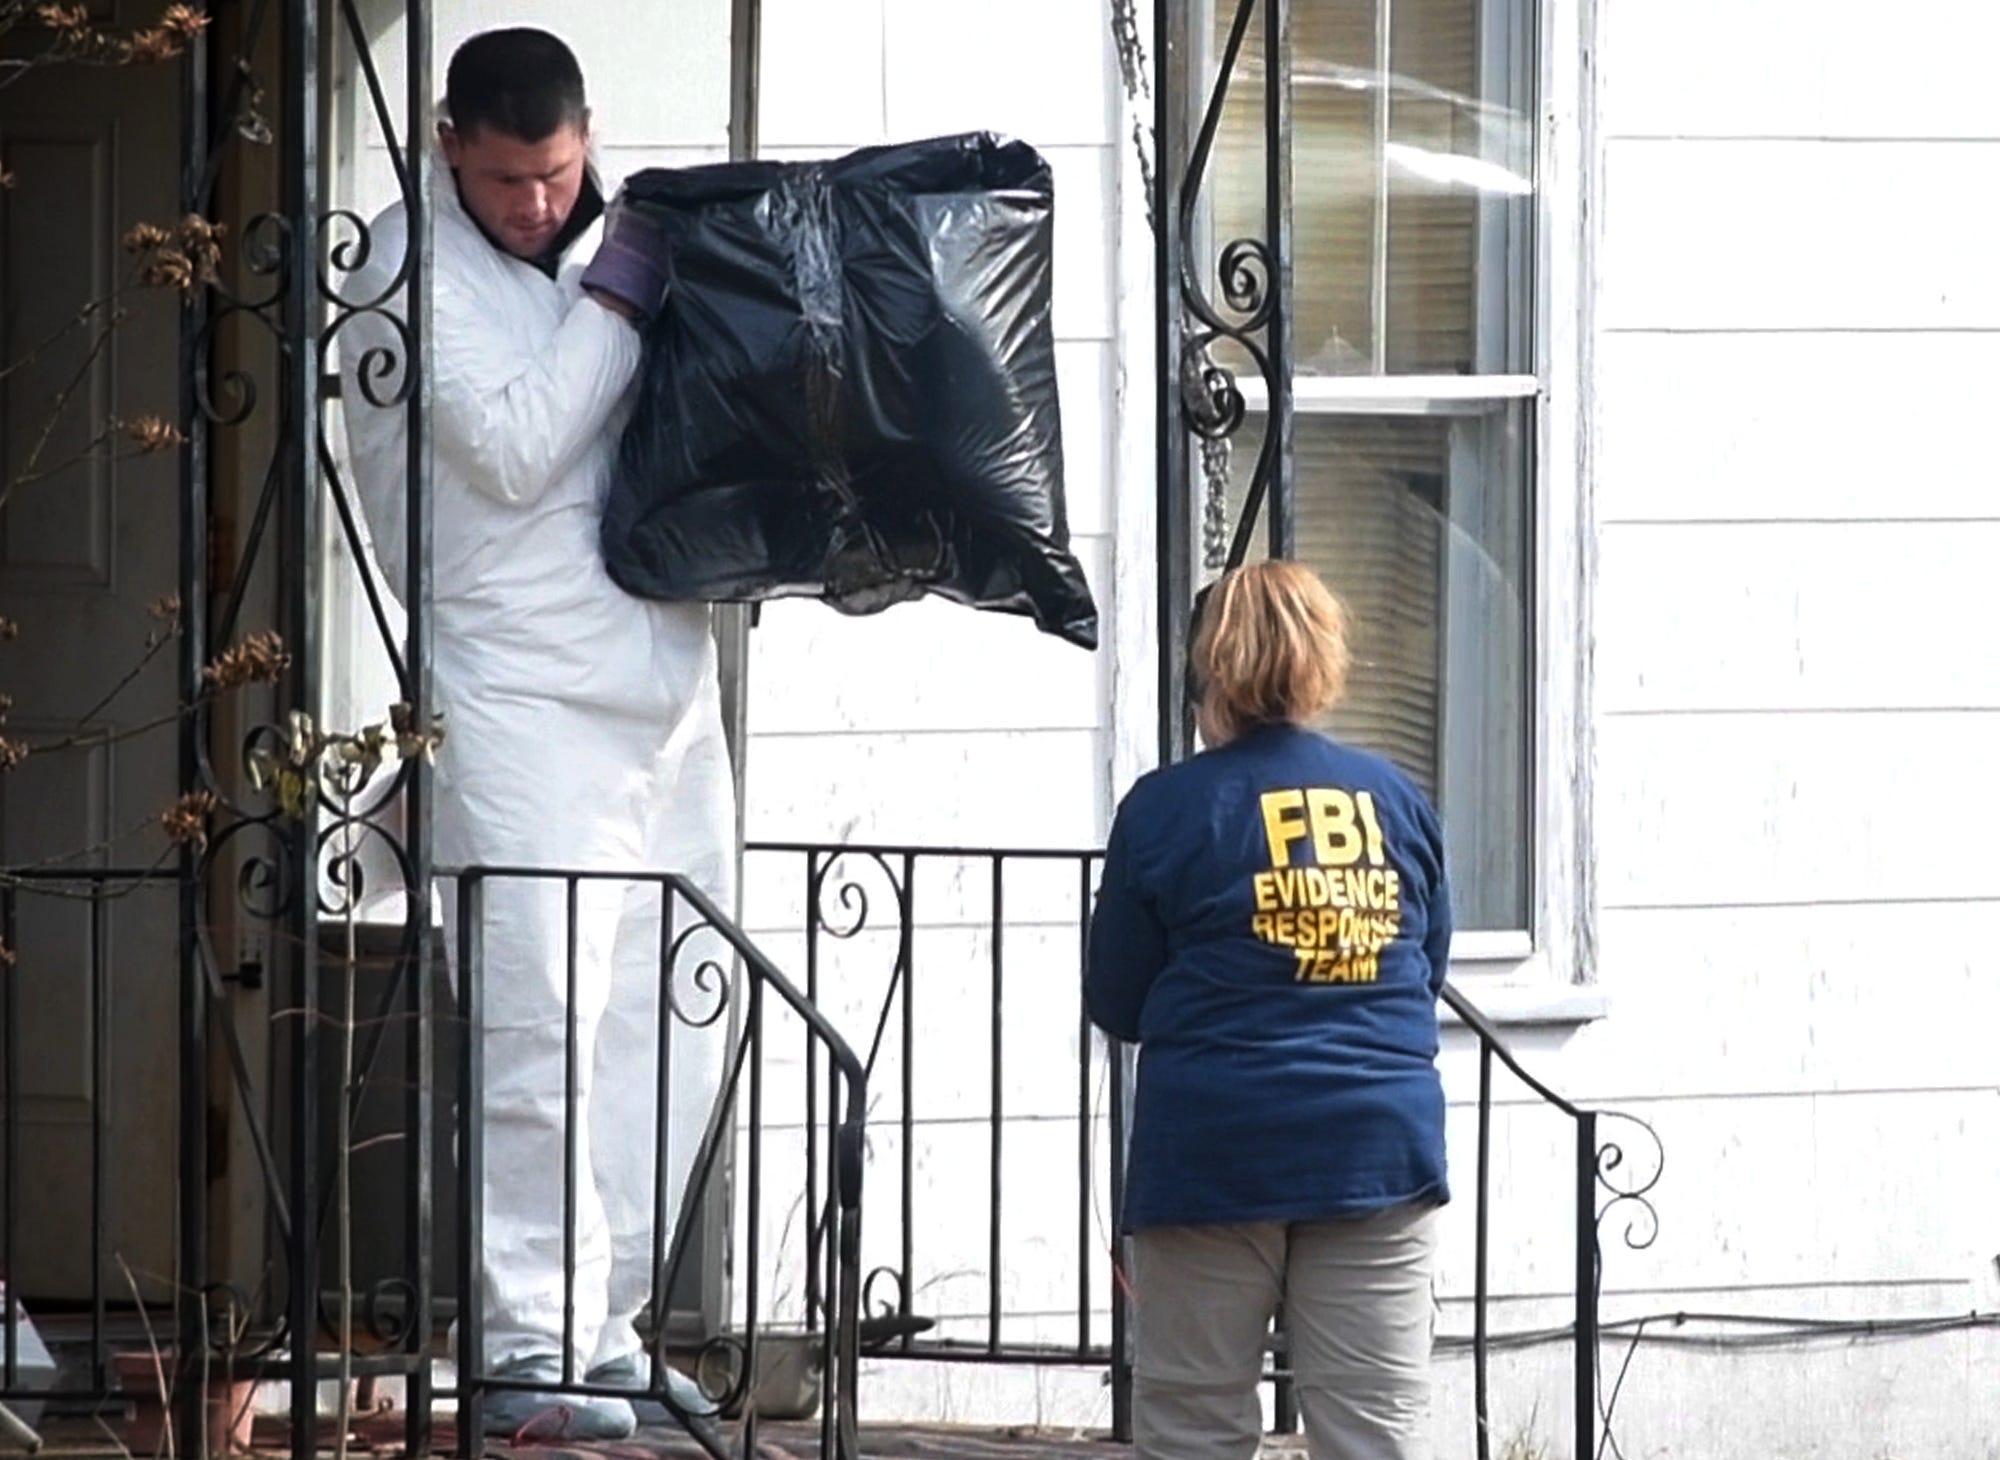 Cayce Mcdaniel Case Fbi Searches Milan Home